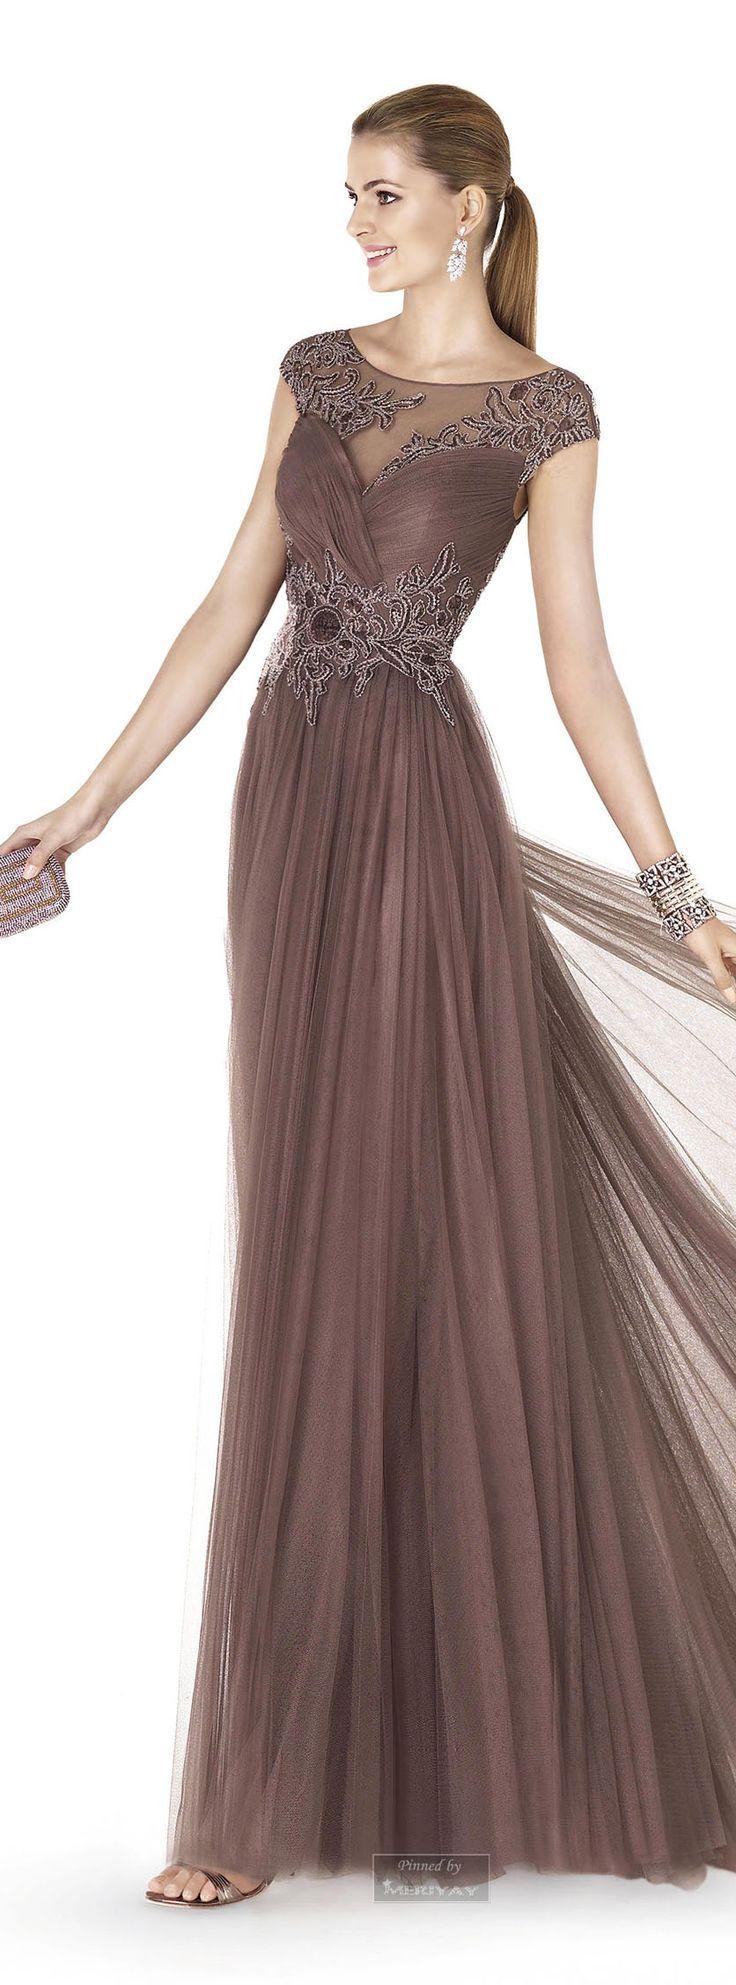 Cute dress love the color too es un color precioso y el porte q